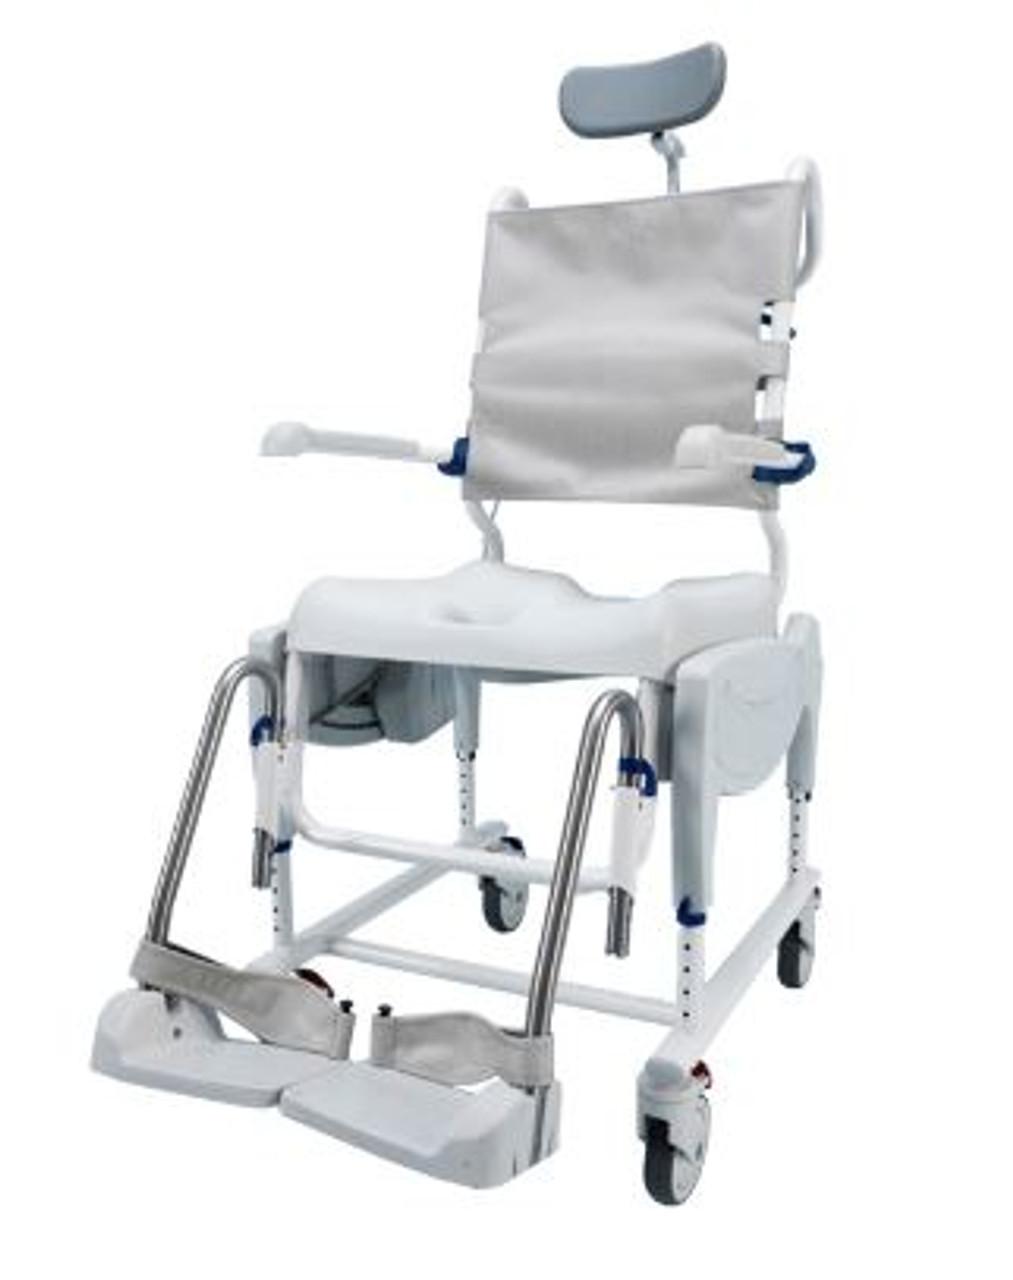 Aquatec ERGO VIP shower chair